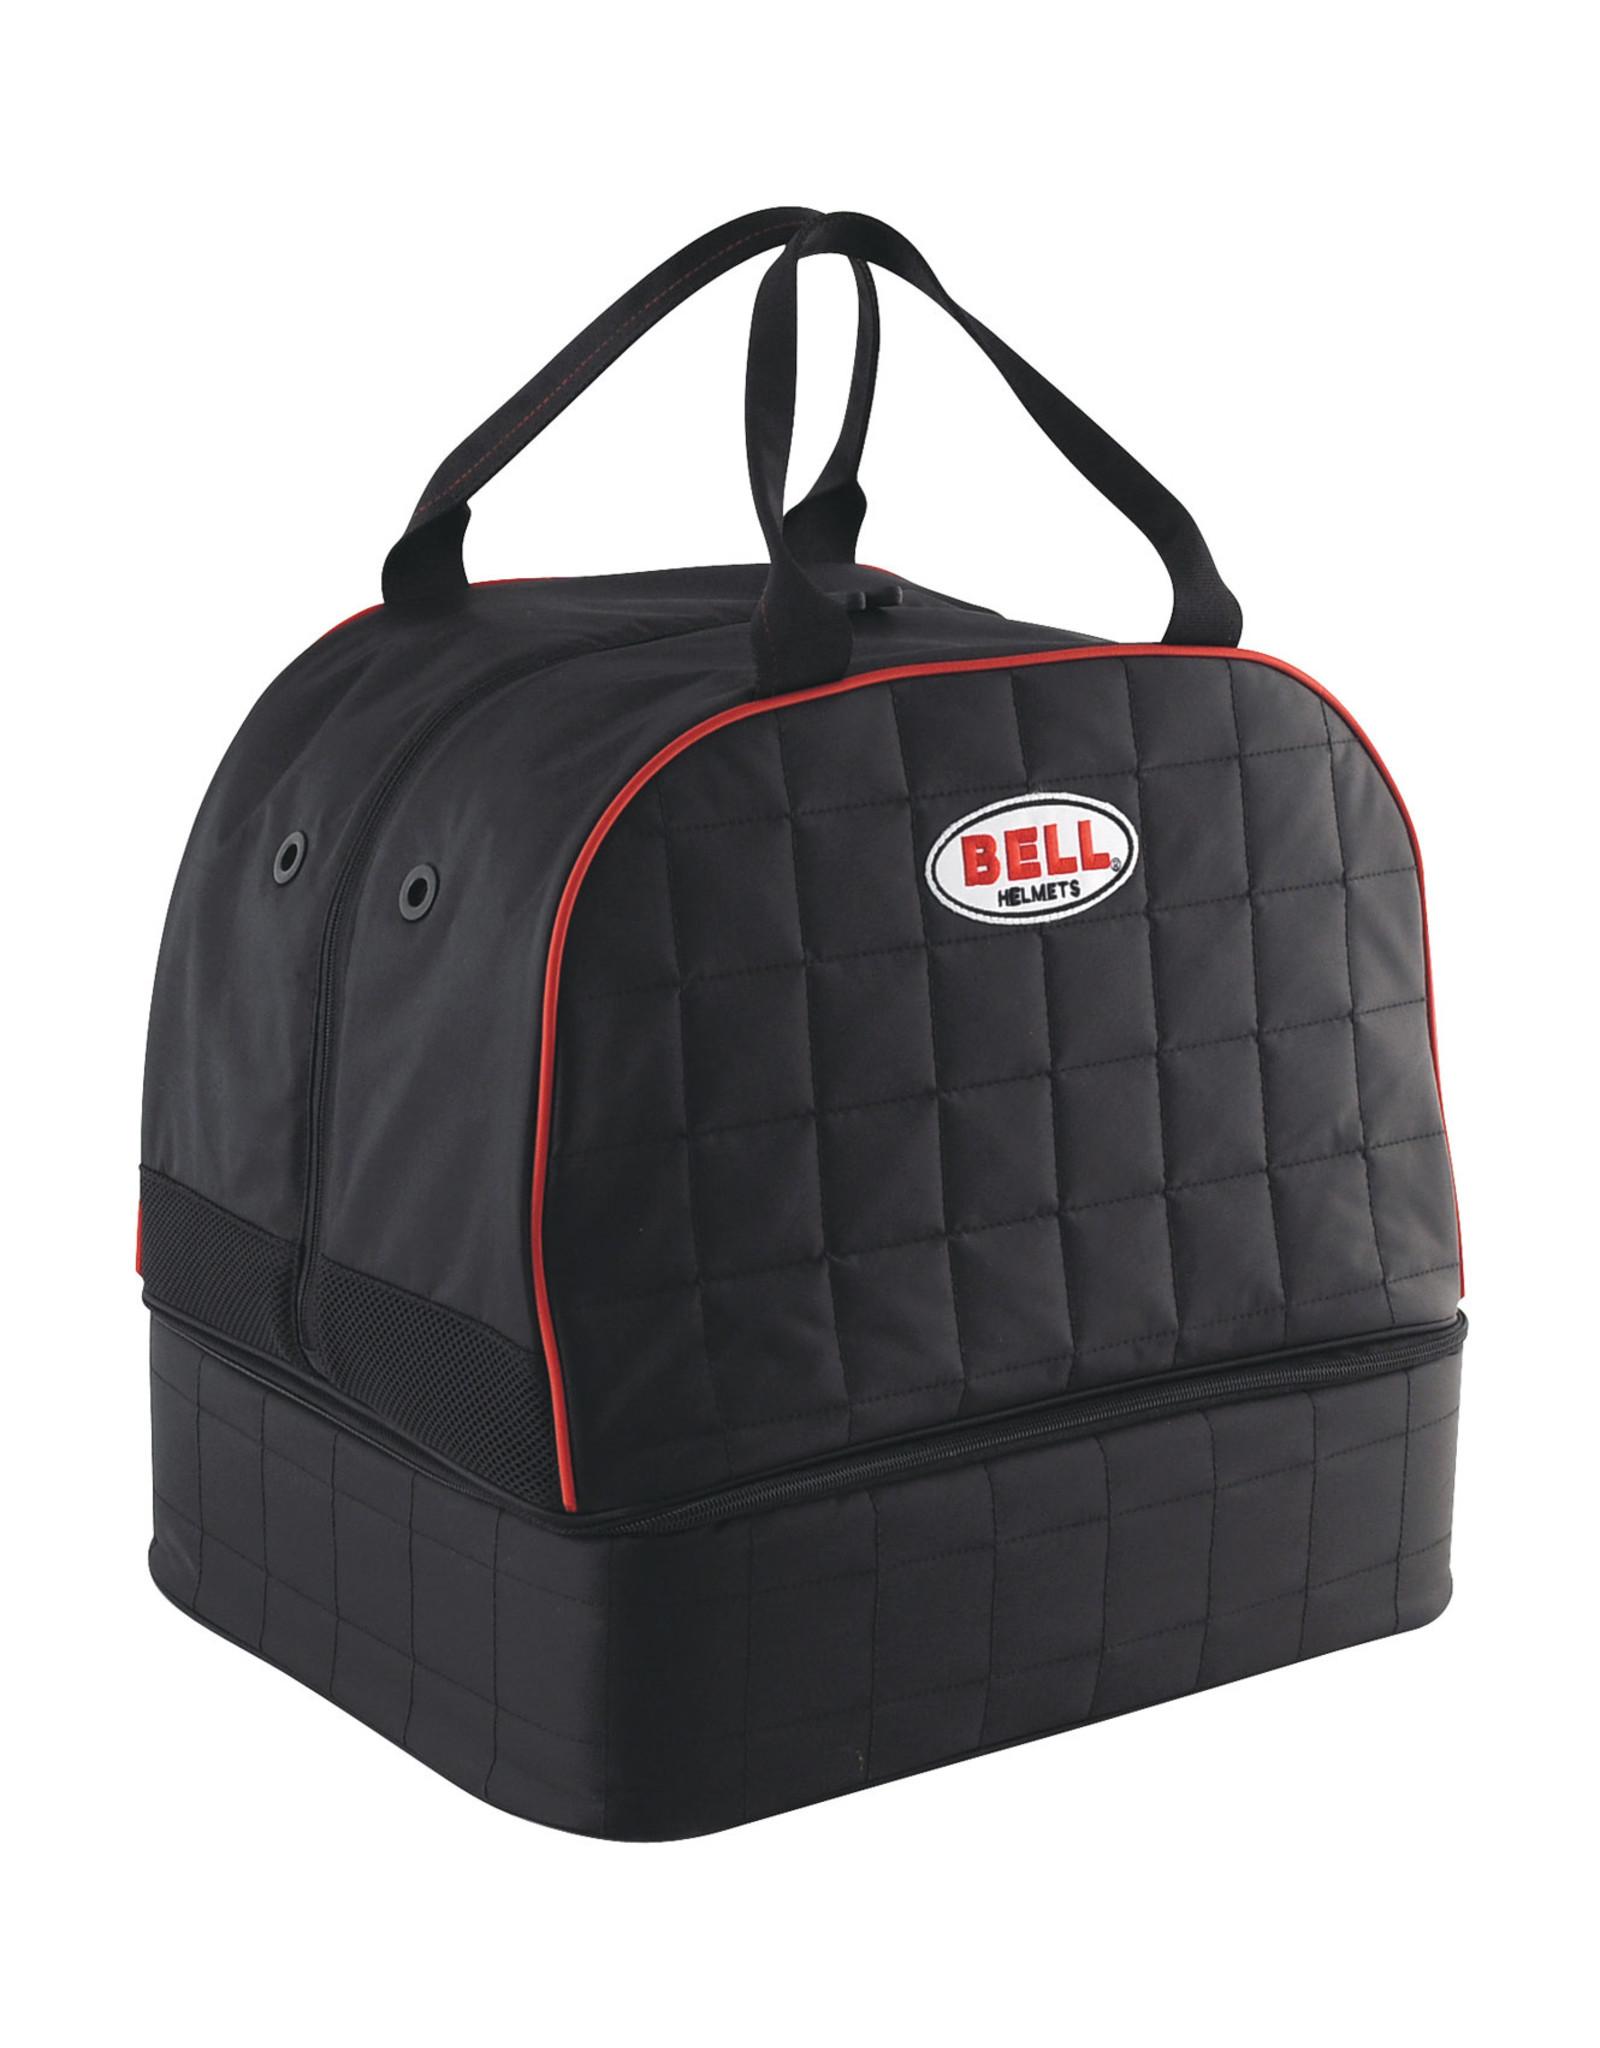 Bell Bell helm tas  met opbergvak voor bijv. Hans